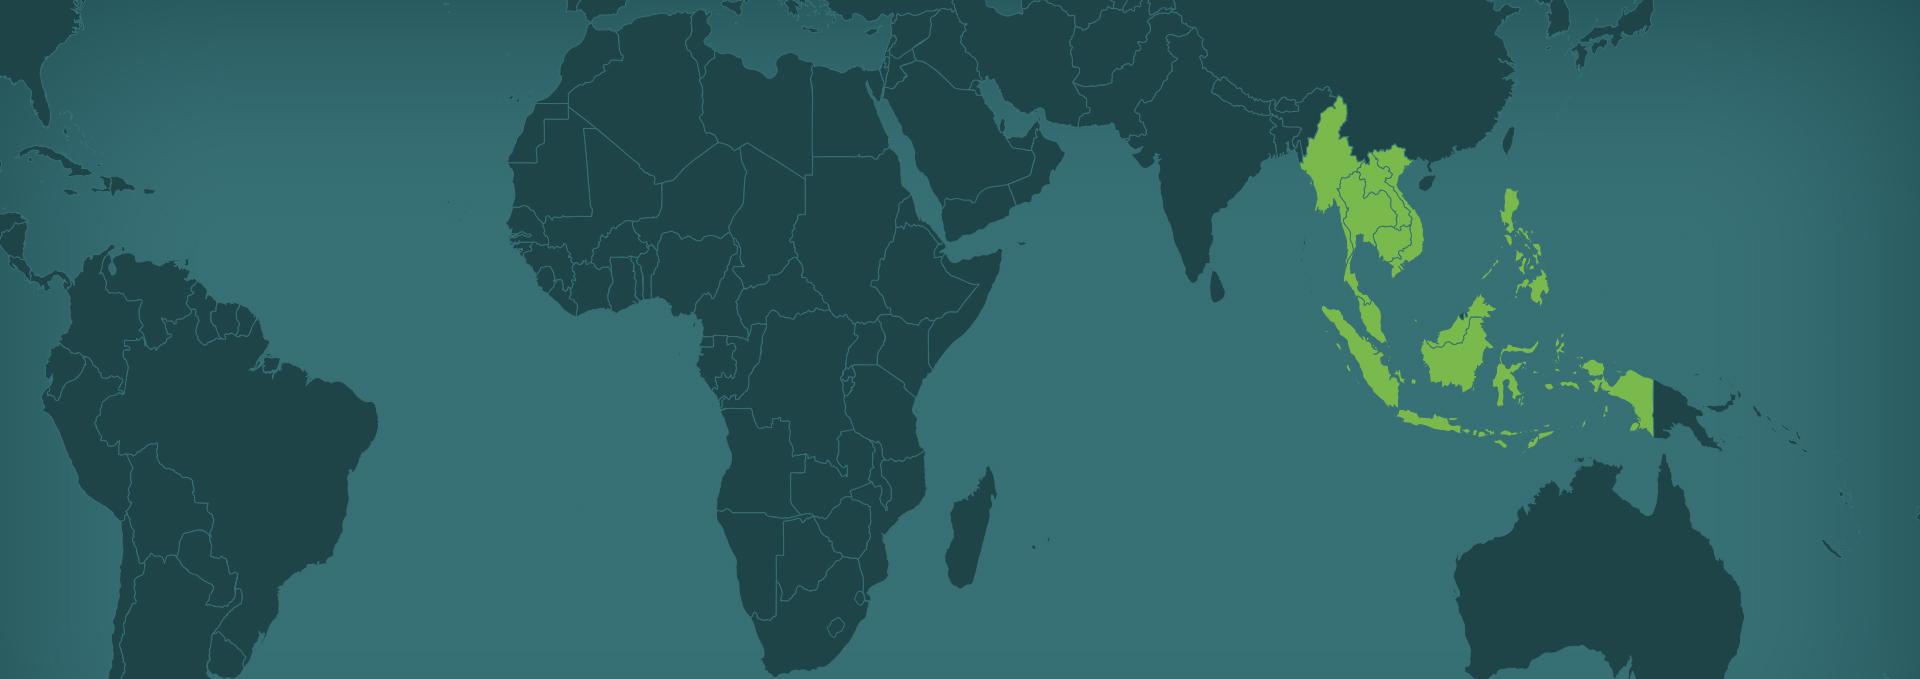 Mtarget en Asie